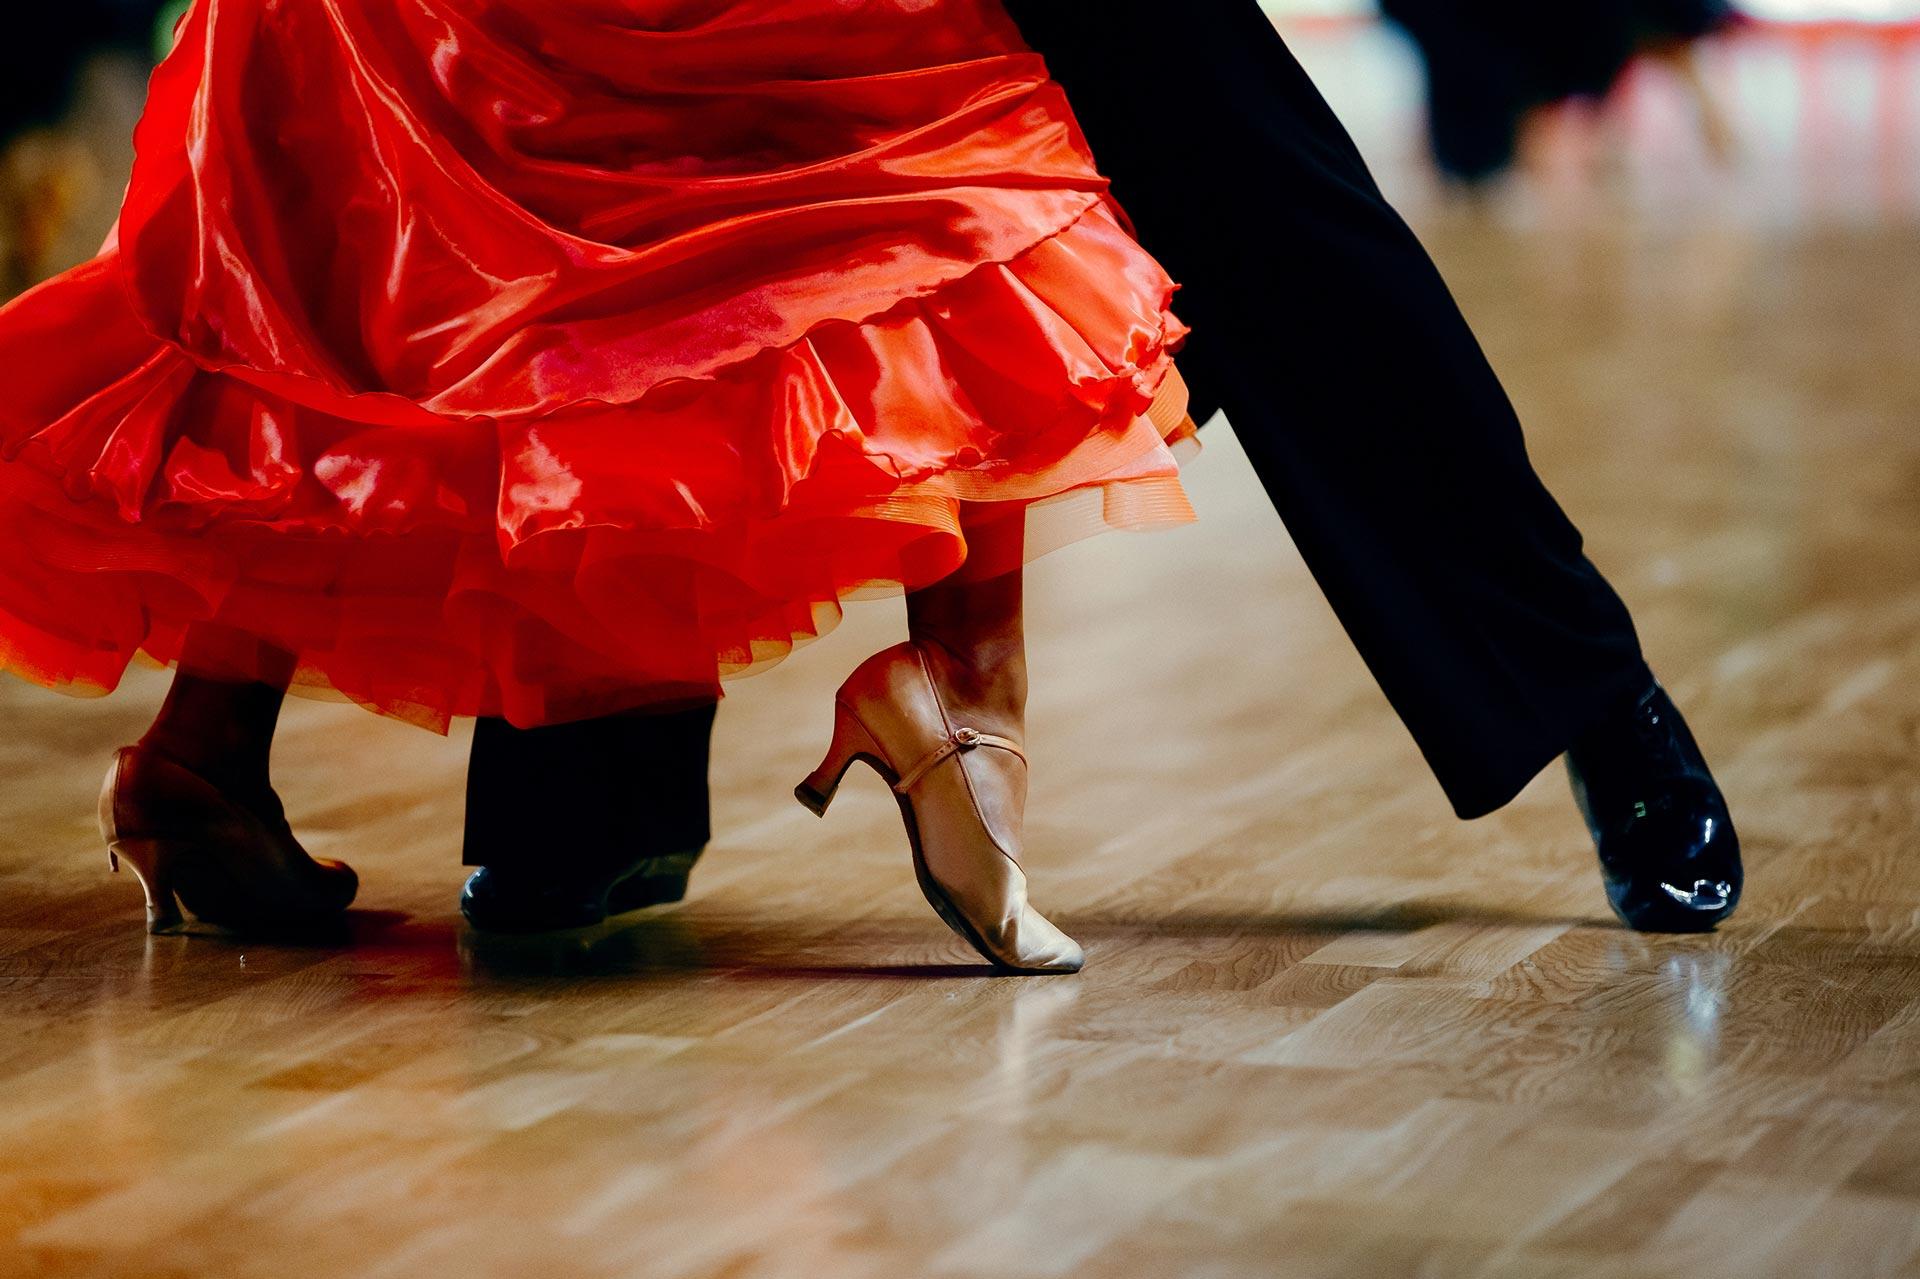 Por qué el baile no debería ser cómodo